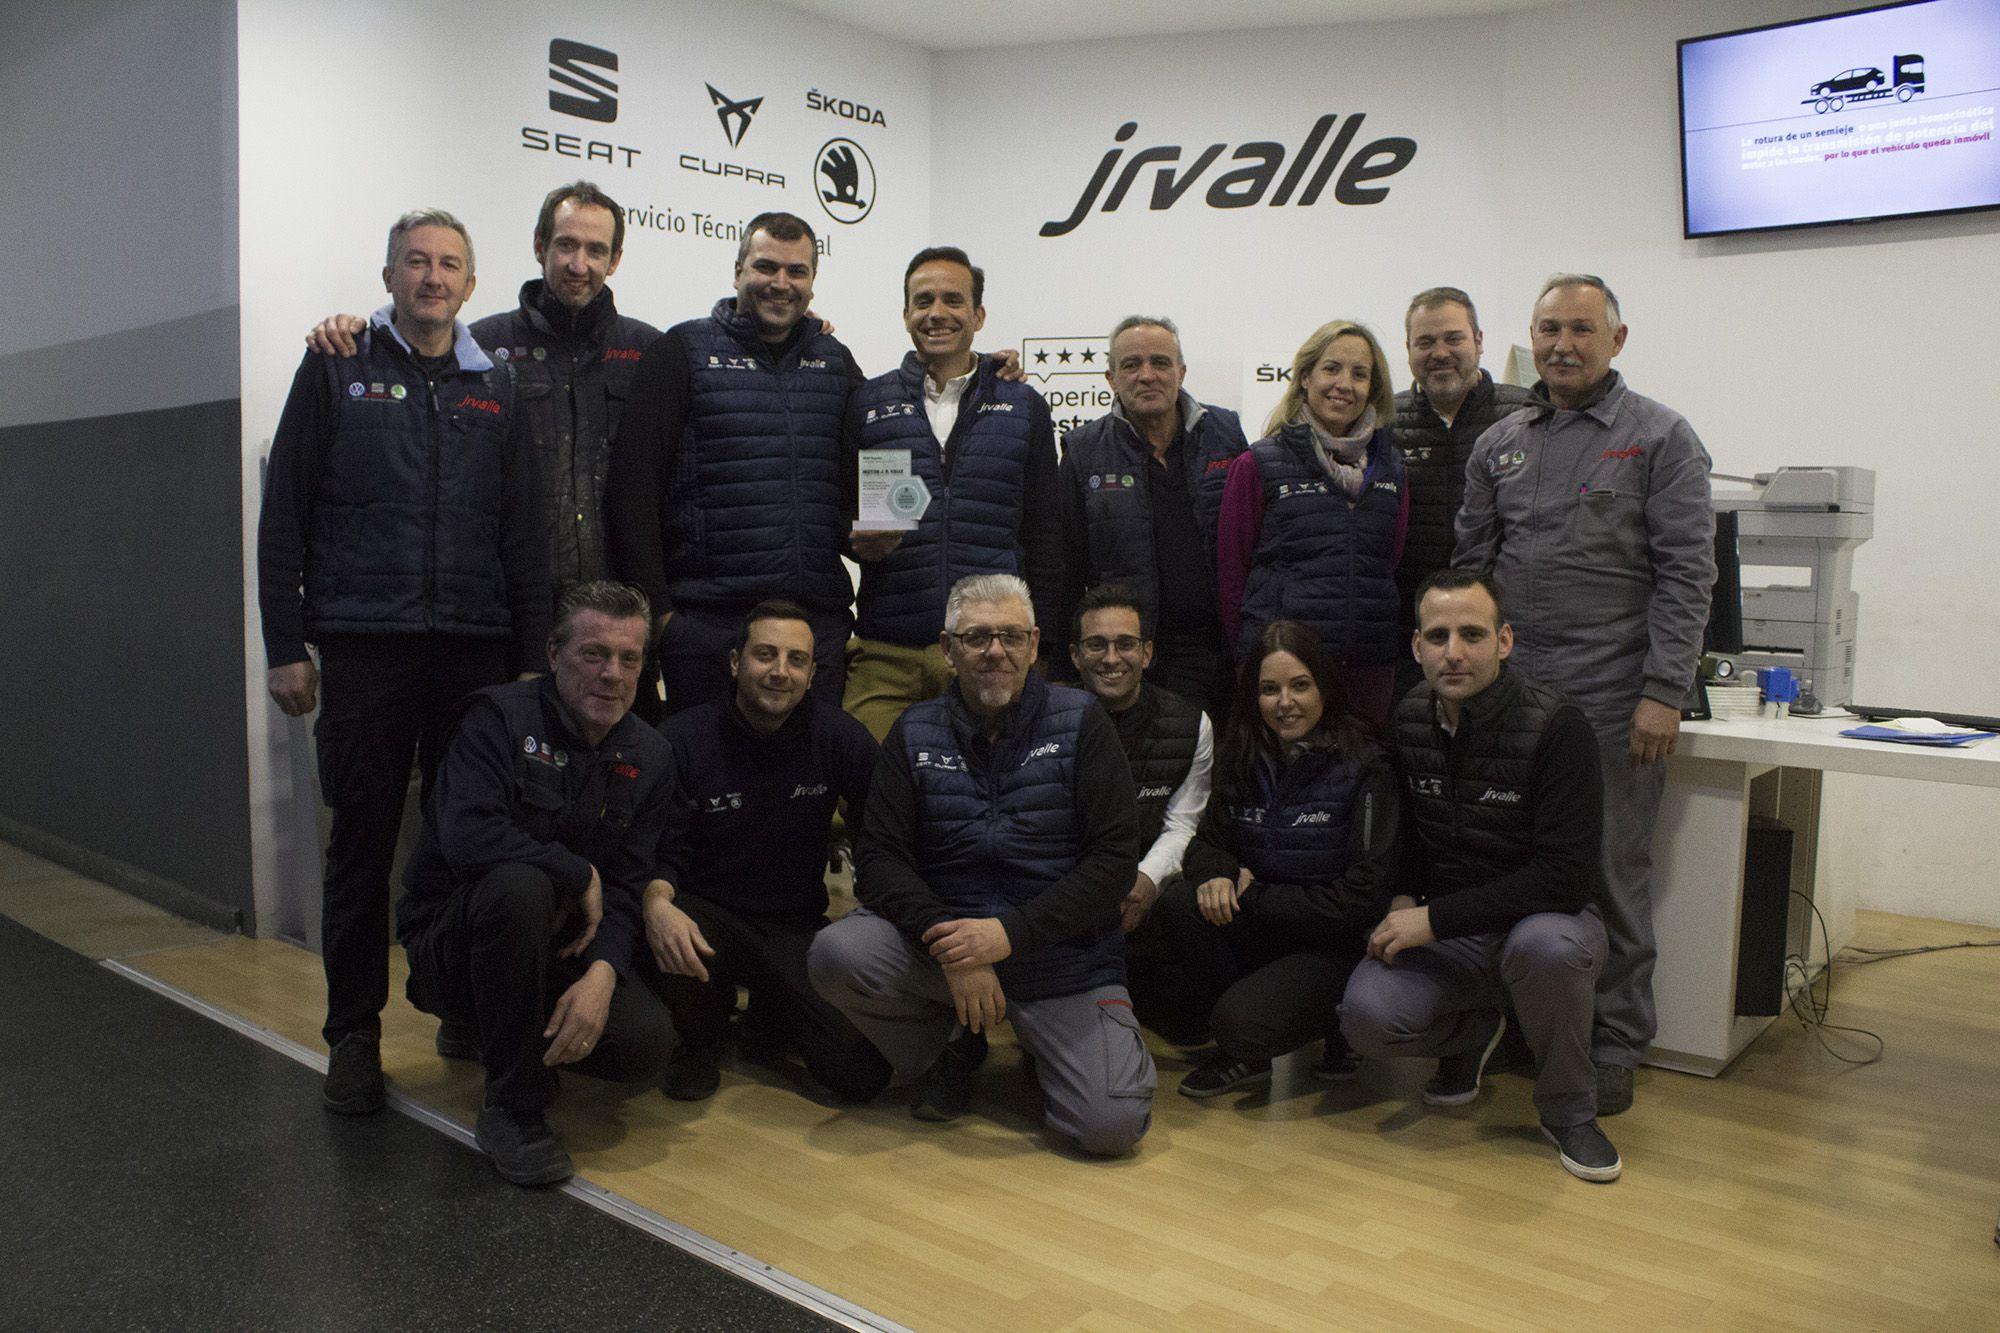 el-servicio-oficial-posventa-seat-de-jr-valle-reconocido-como-uno-de-los-mejores-de-espana-en-2018